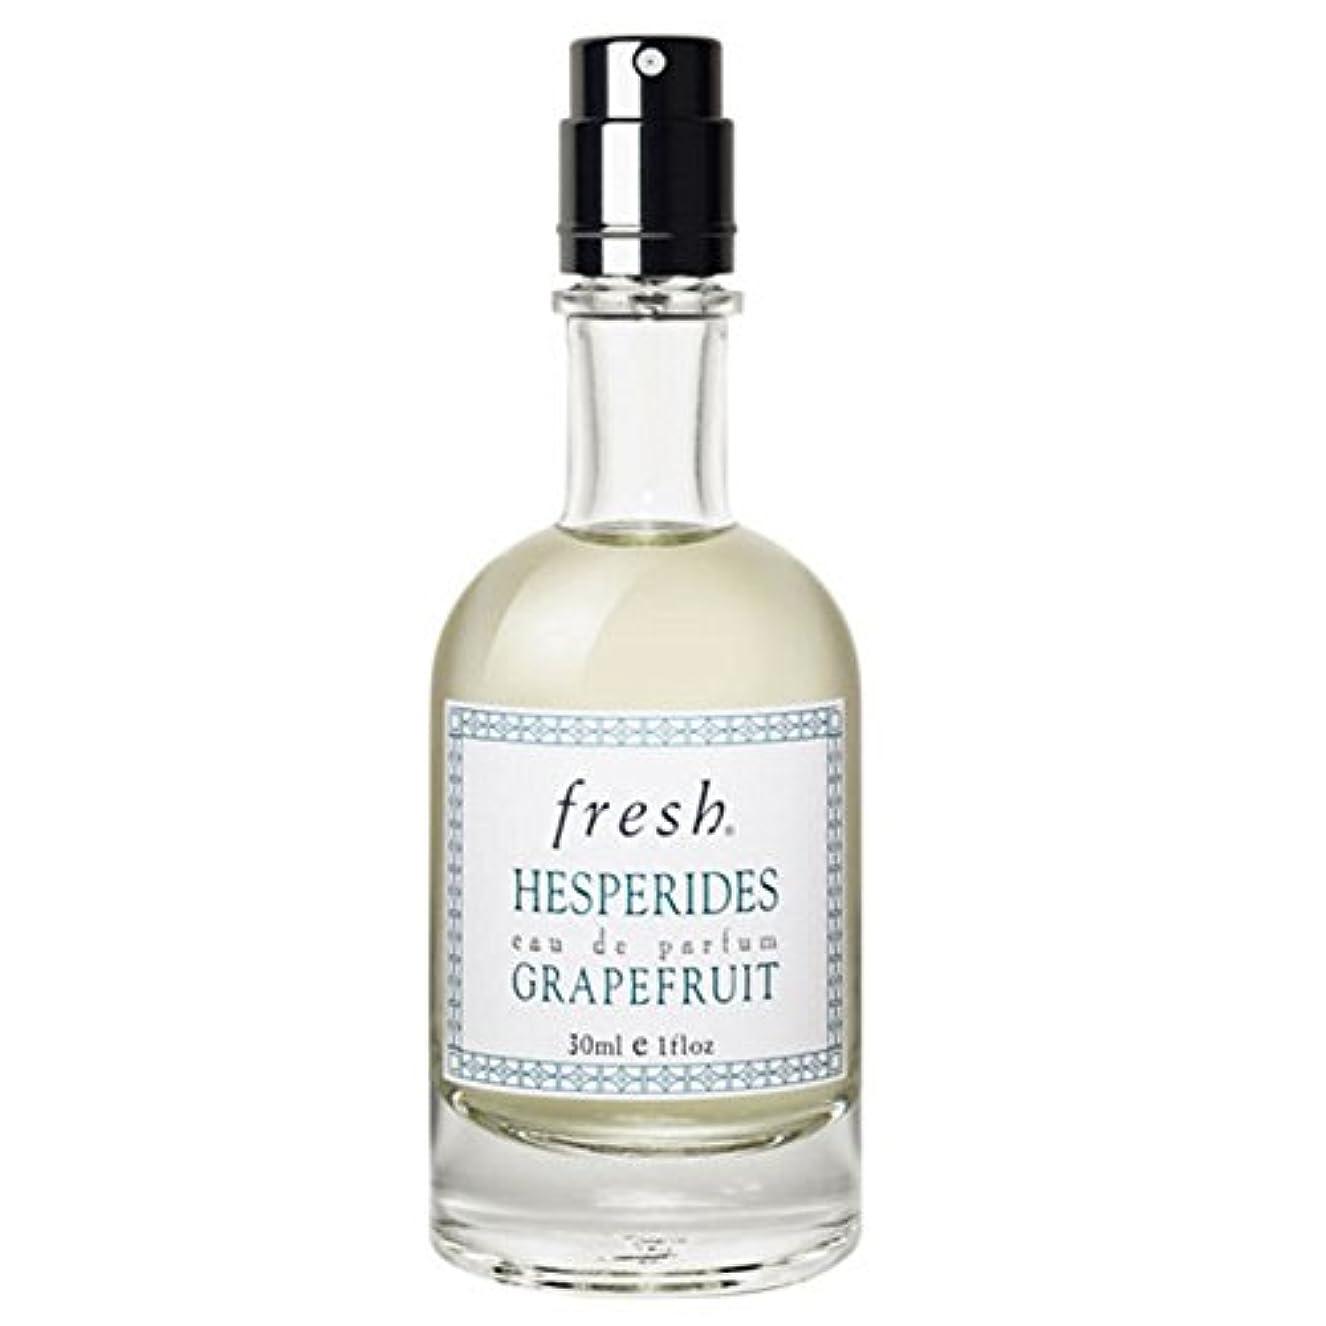 品劇作家同性愛者Fresh (フレッシュ) ヘスペリデスグレープフルーツオードパルファム,1 oz (30 ml)- Hesperides Grapefruit。[並行輸入品] [海外直送品]